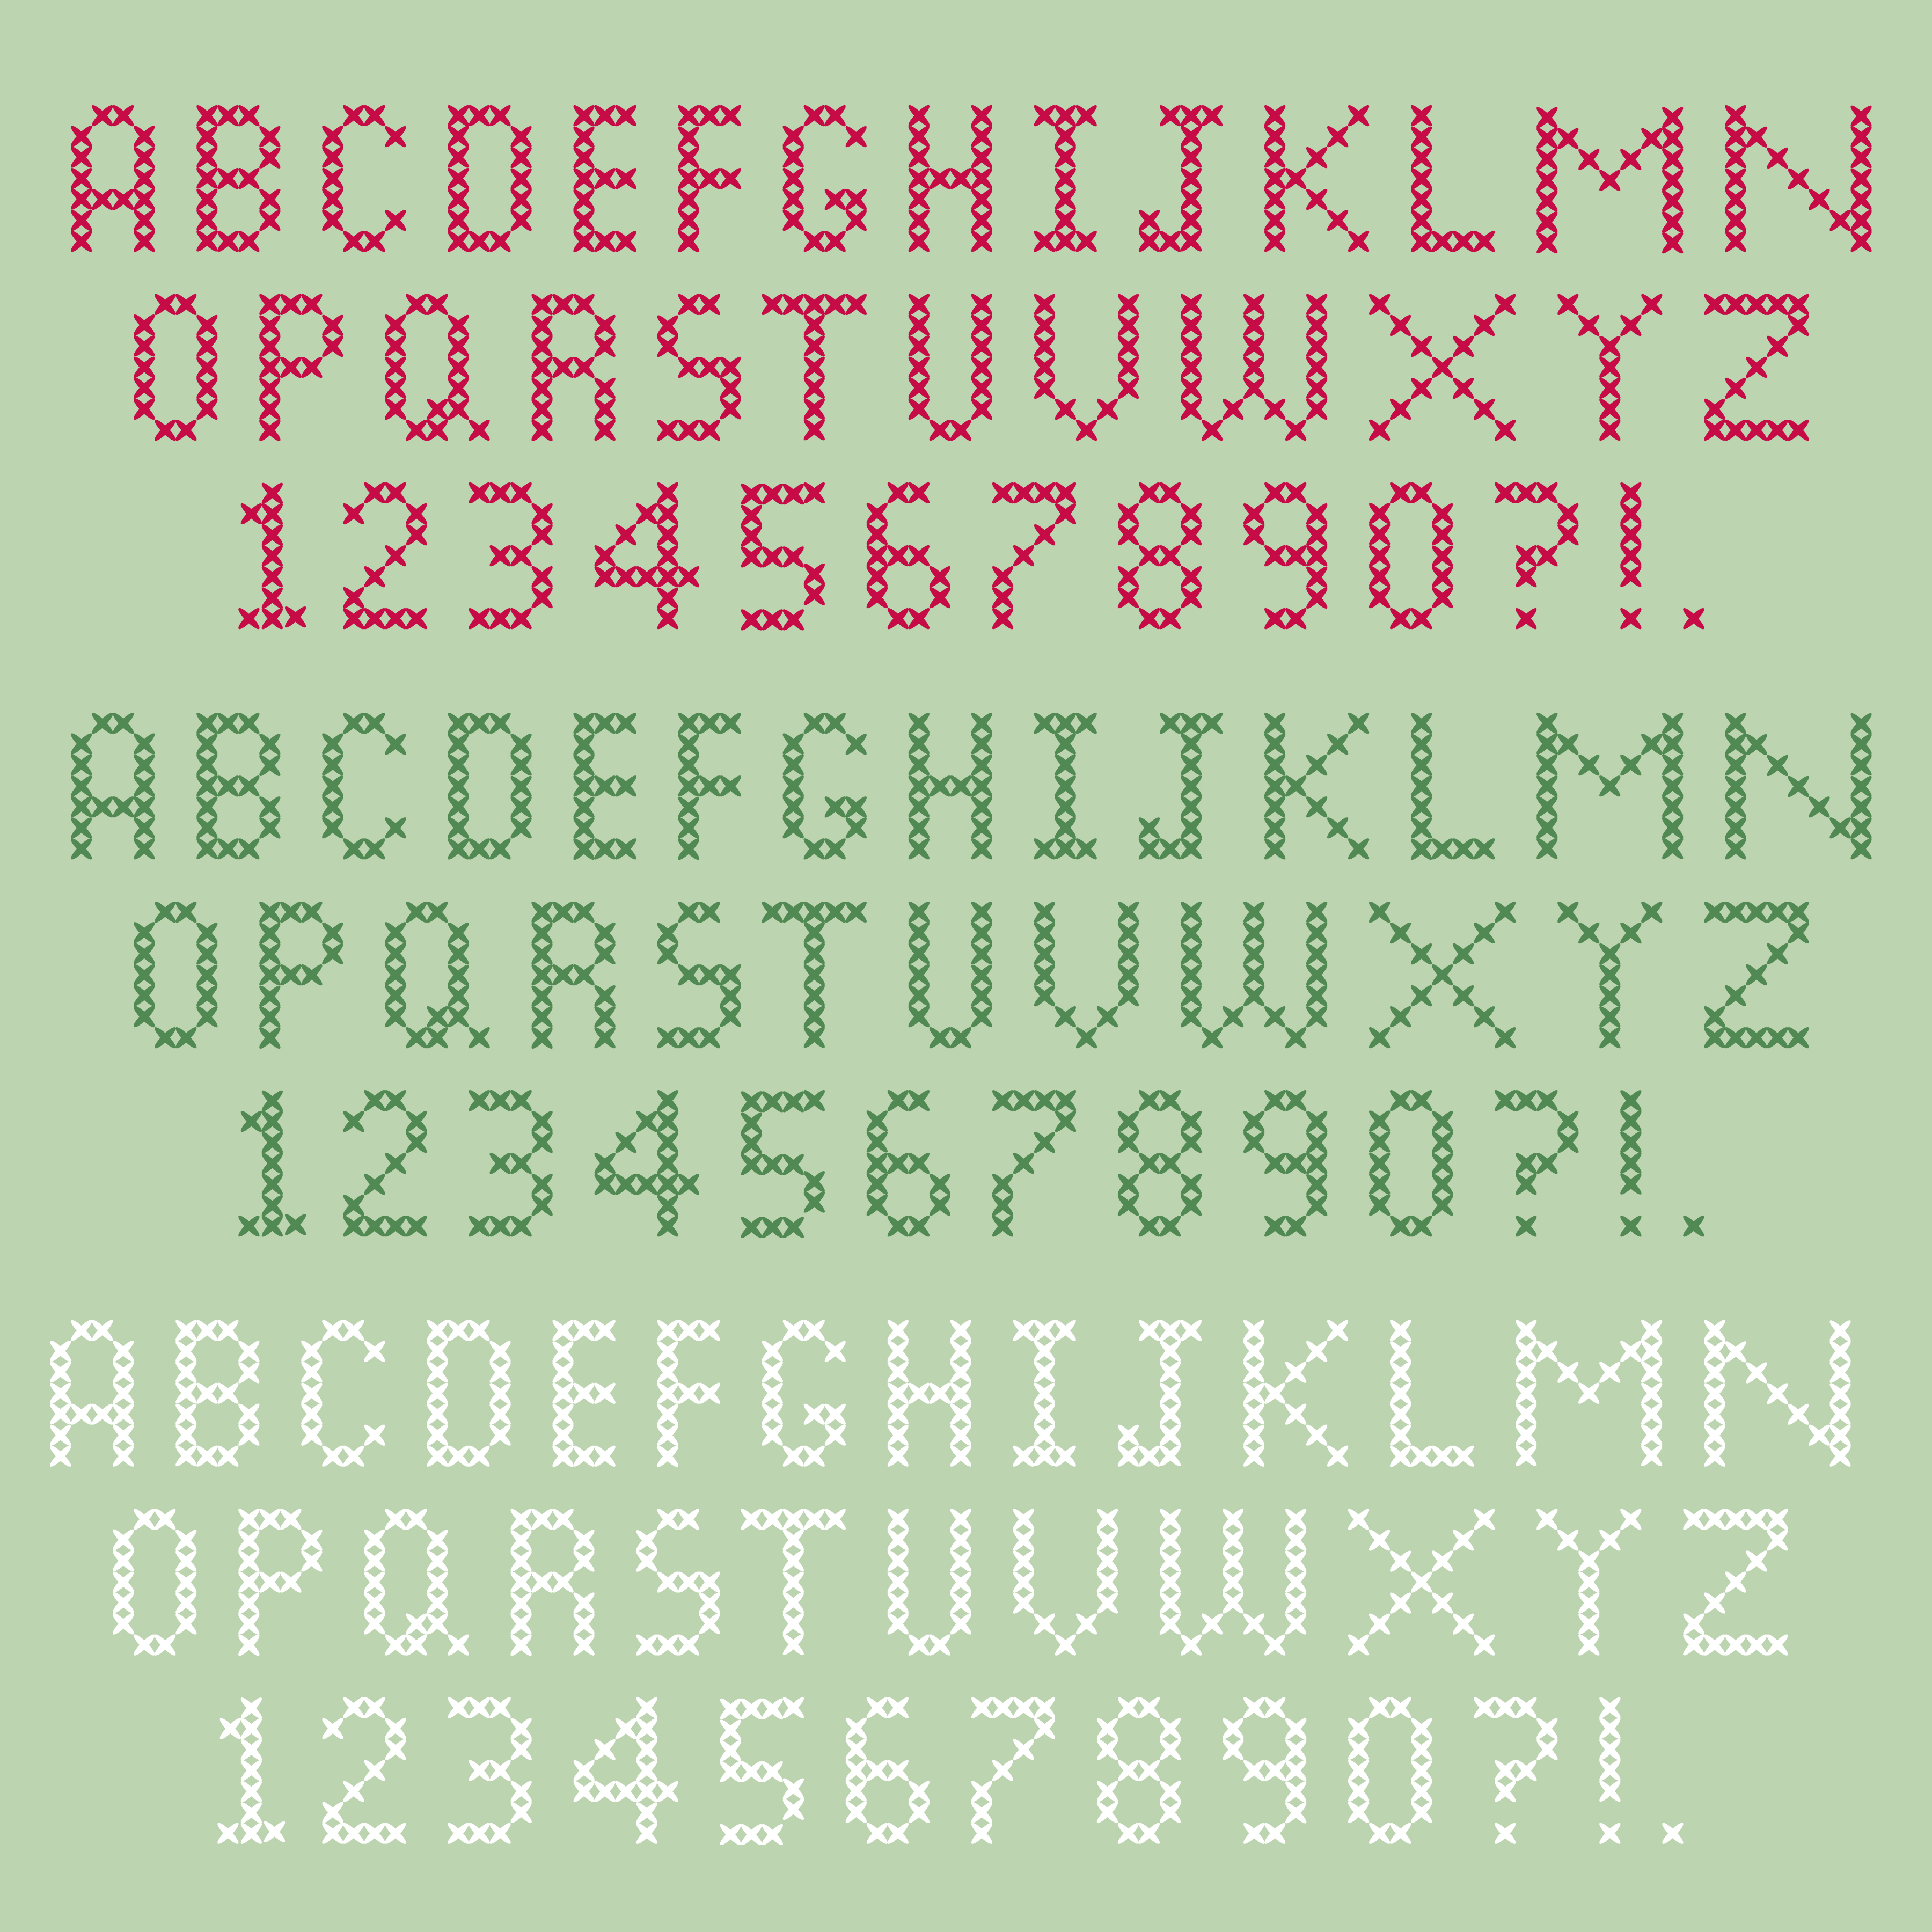 Alphabet Point De Croix Telecharger Vectoriel Gratuit Clipart Graphique Vecteur Dessins Et Pictogramme Gratuit